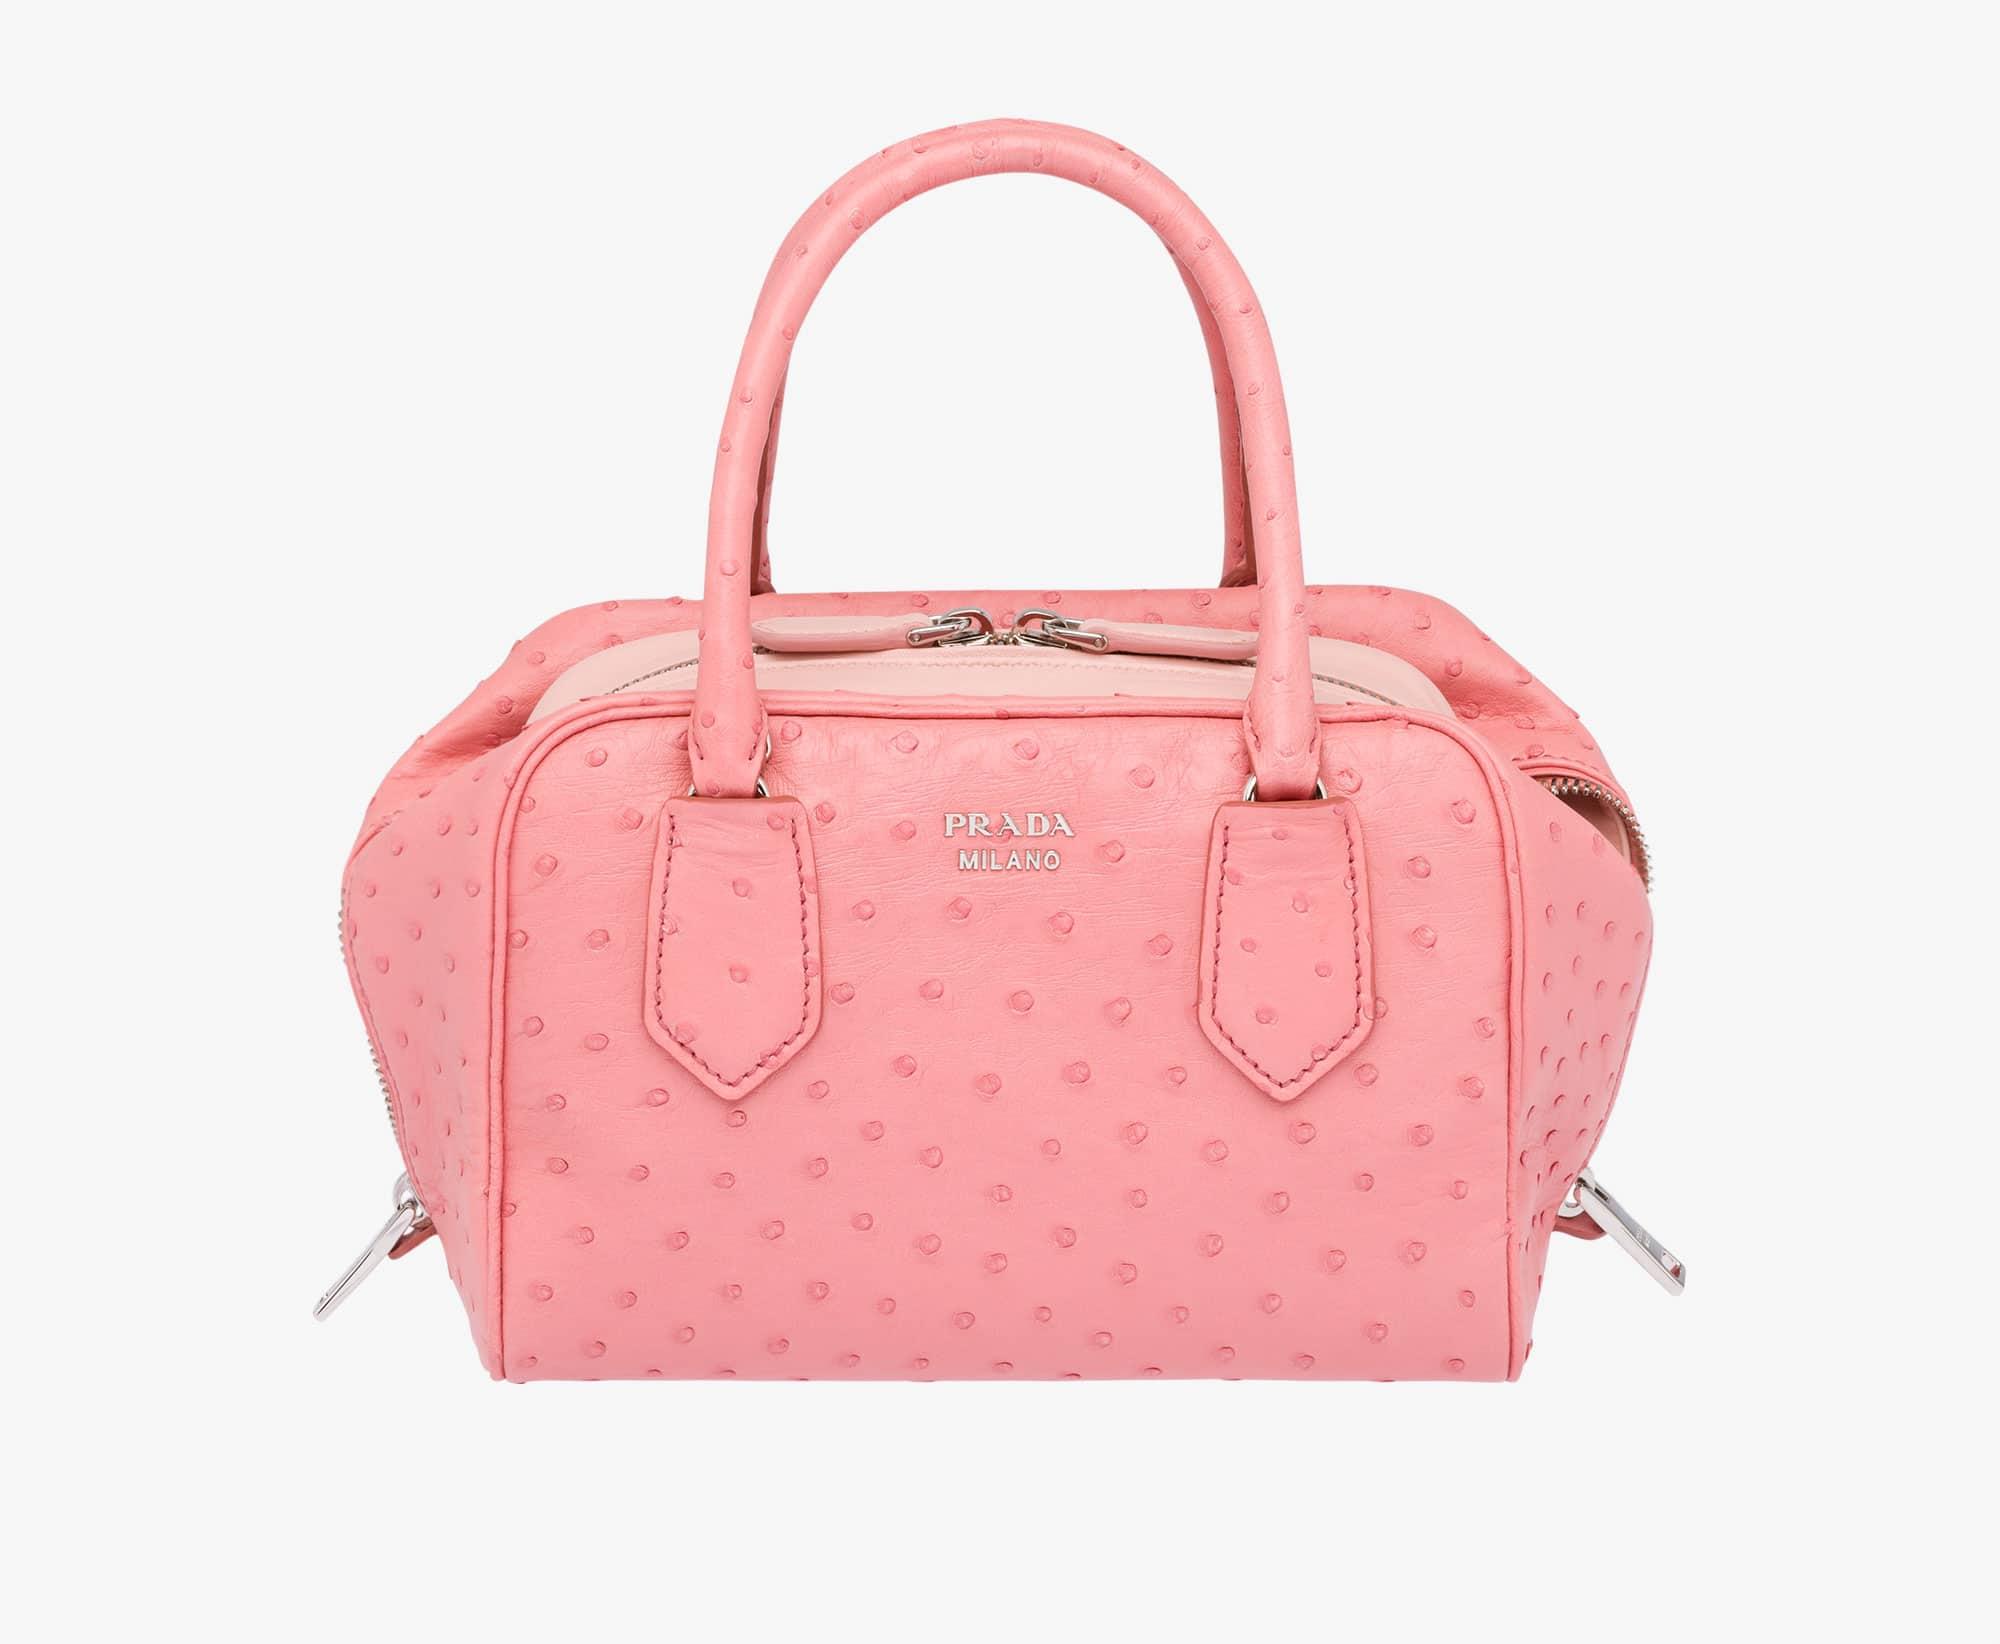 Prada Tamaris Peach Ostrich Inside Small Bag 6beb5303adedf